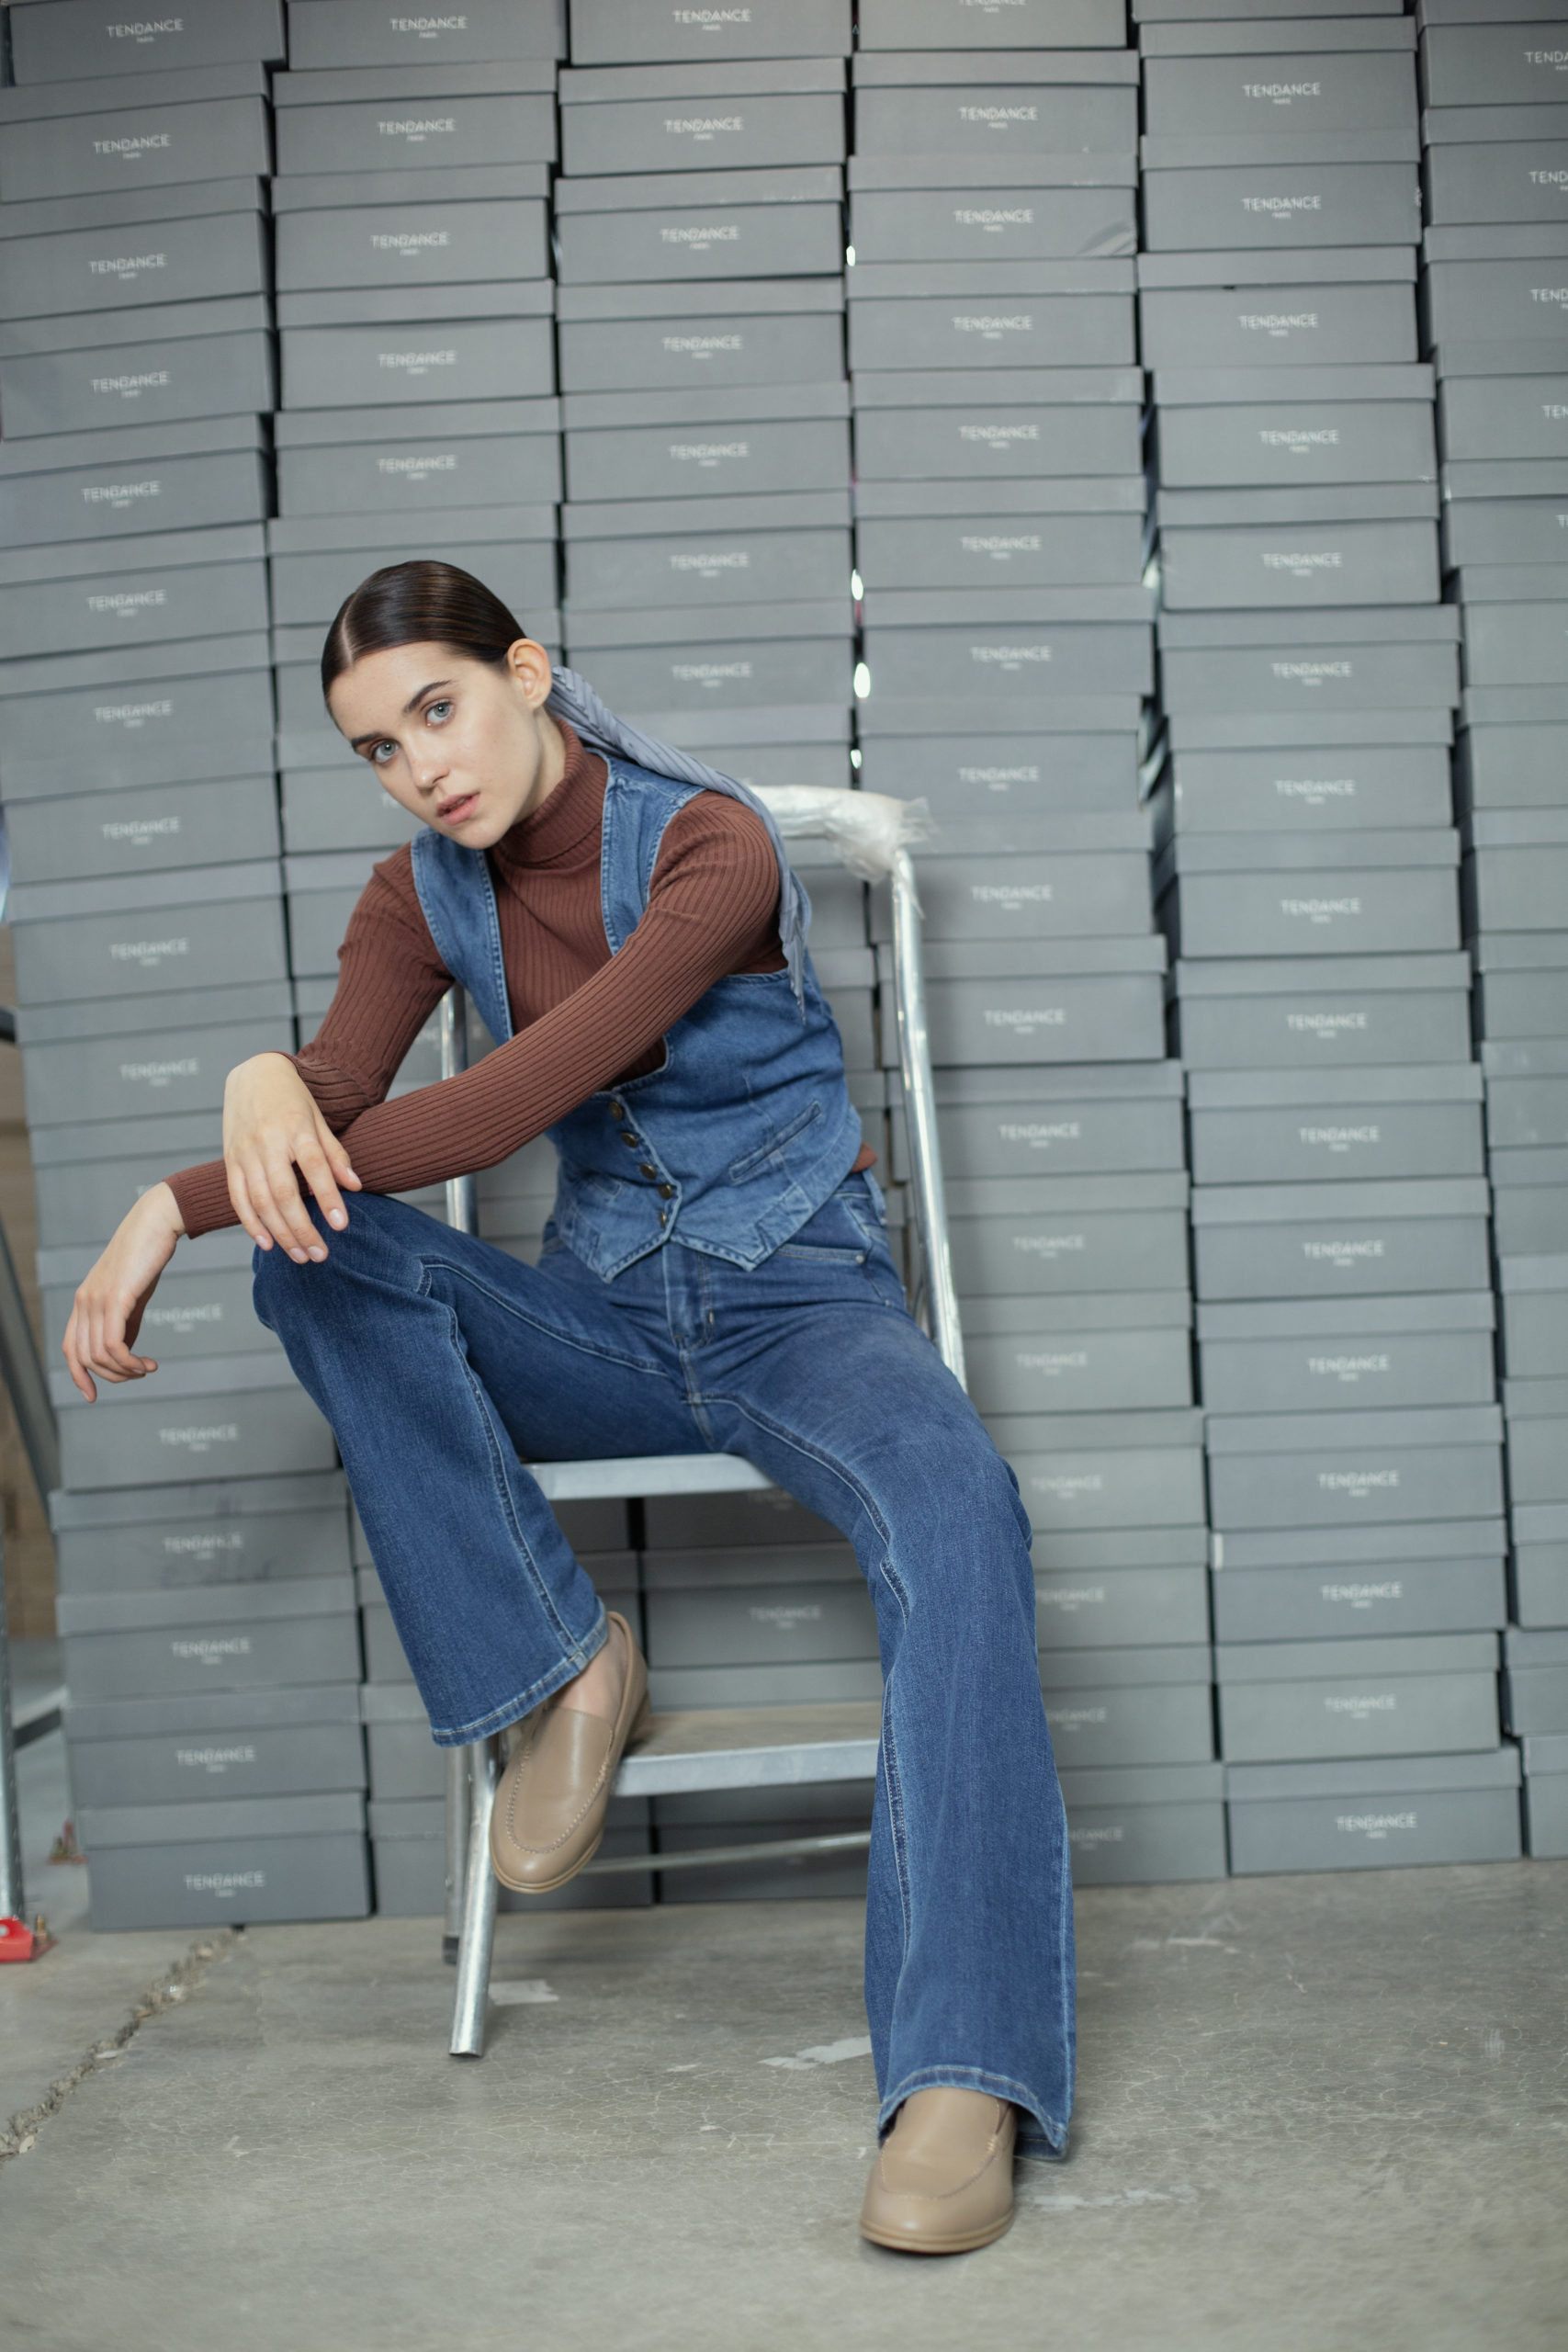 На российский рынок выходит новый бренд обуви Tendance